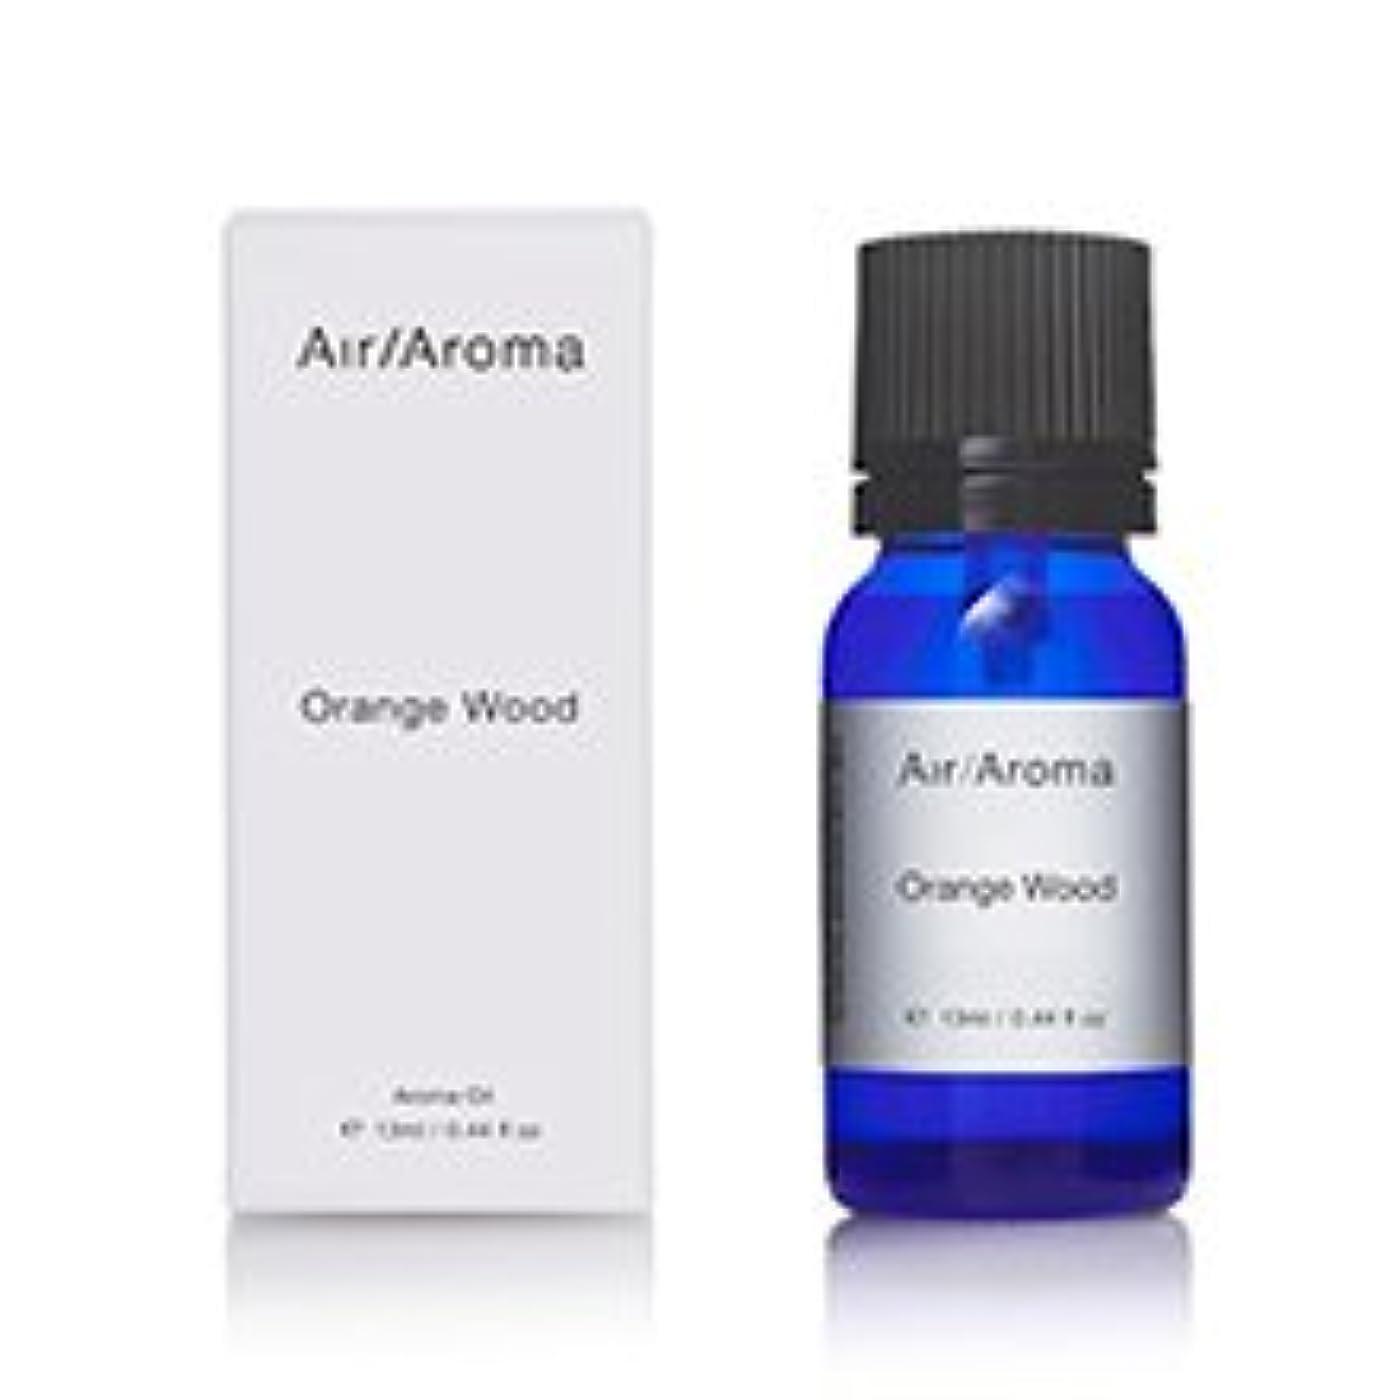 損なう名誉電子レンジエアアロマ orange wood(オレンジウッド)13ml